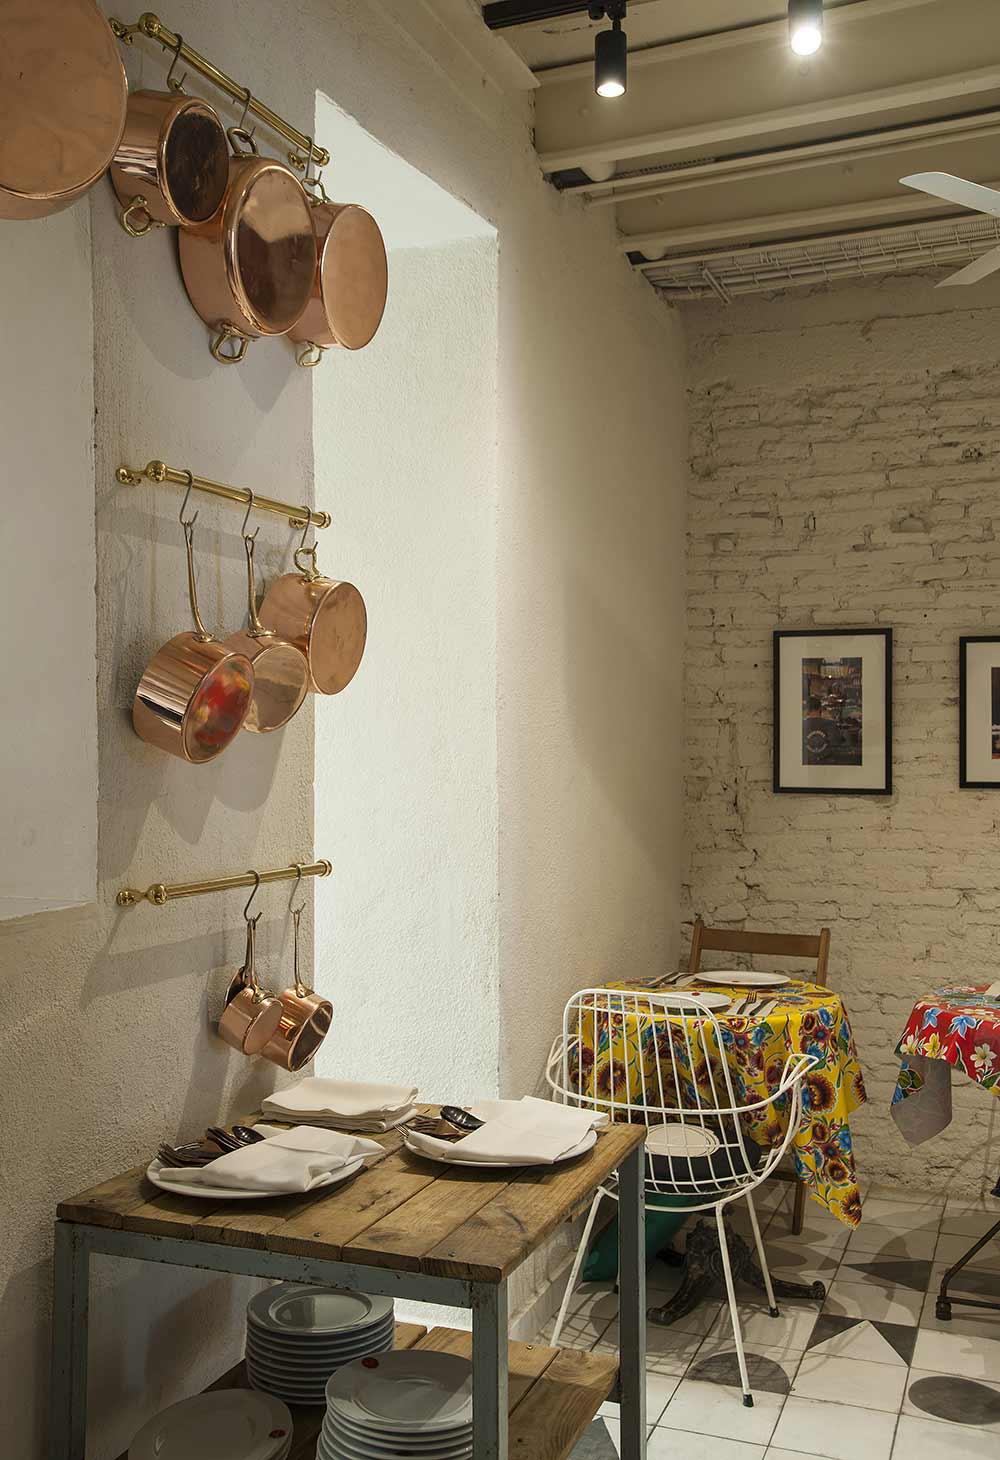 Interiorismo y decoración de restaurantes éxoticos.